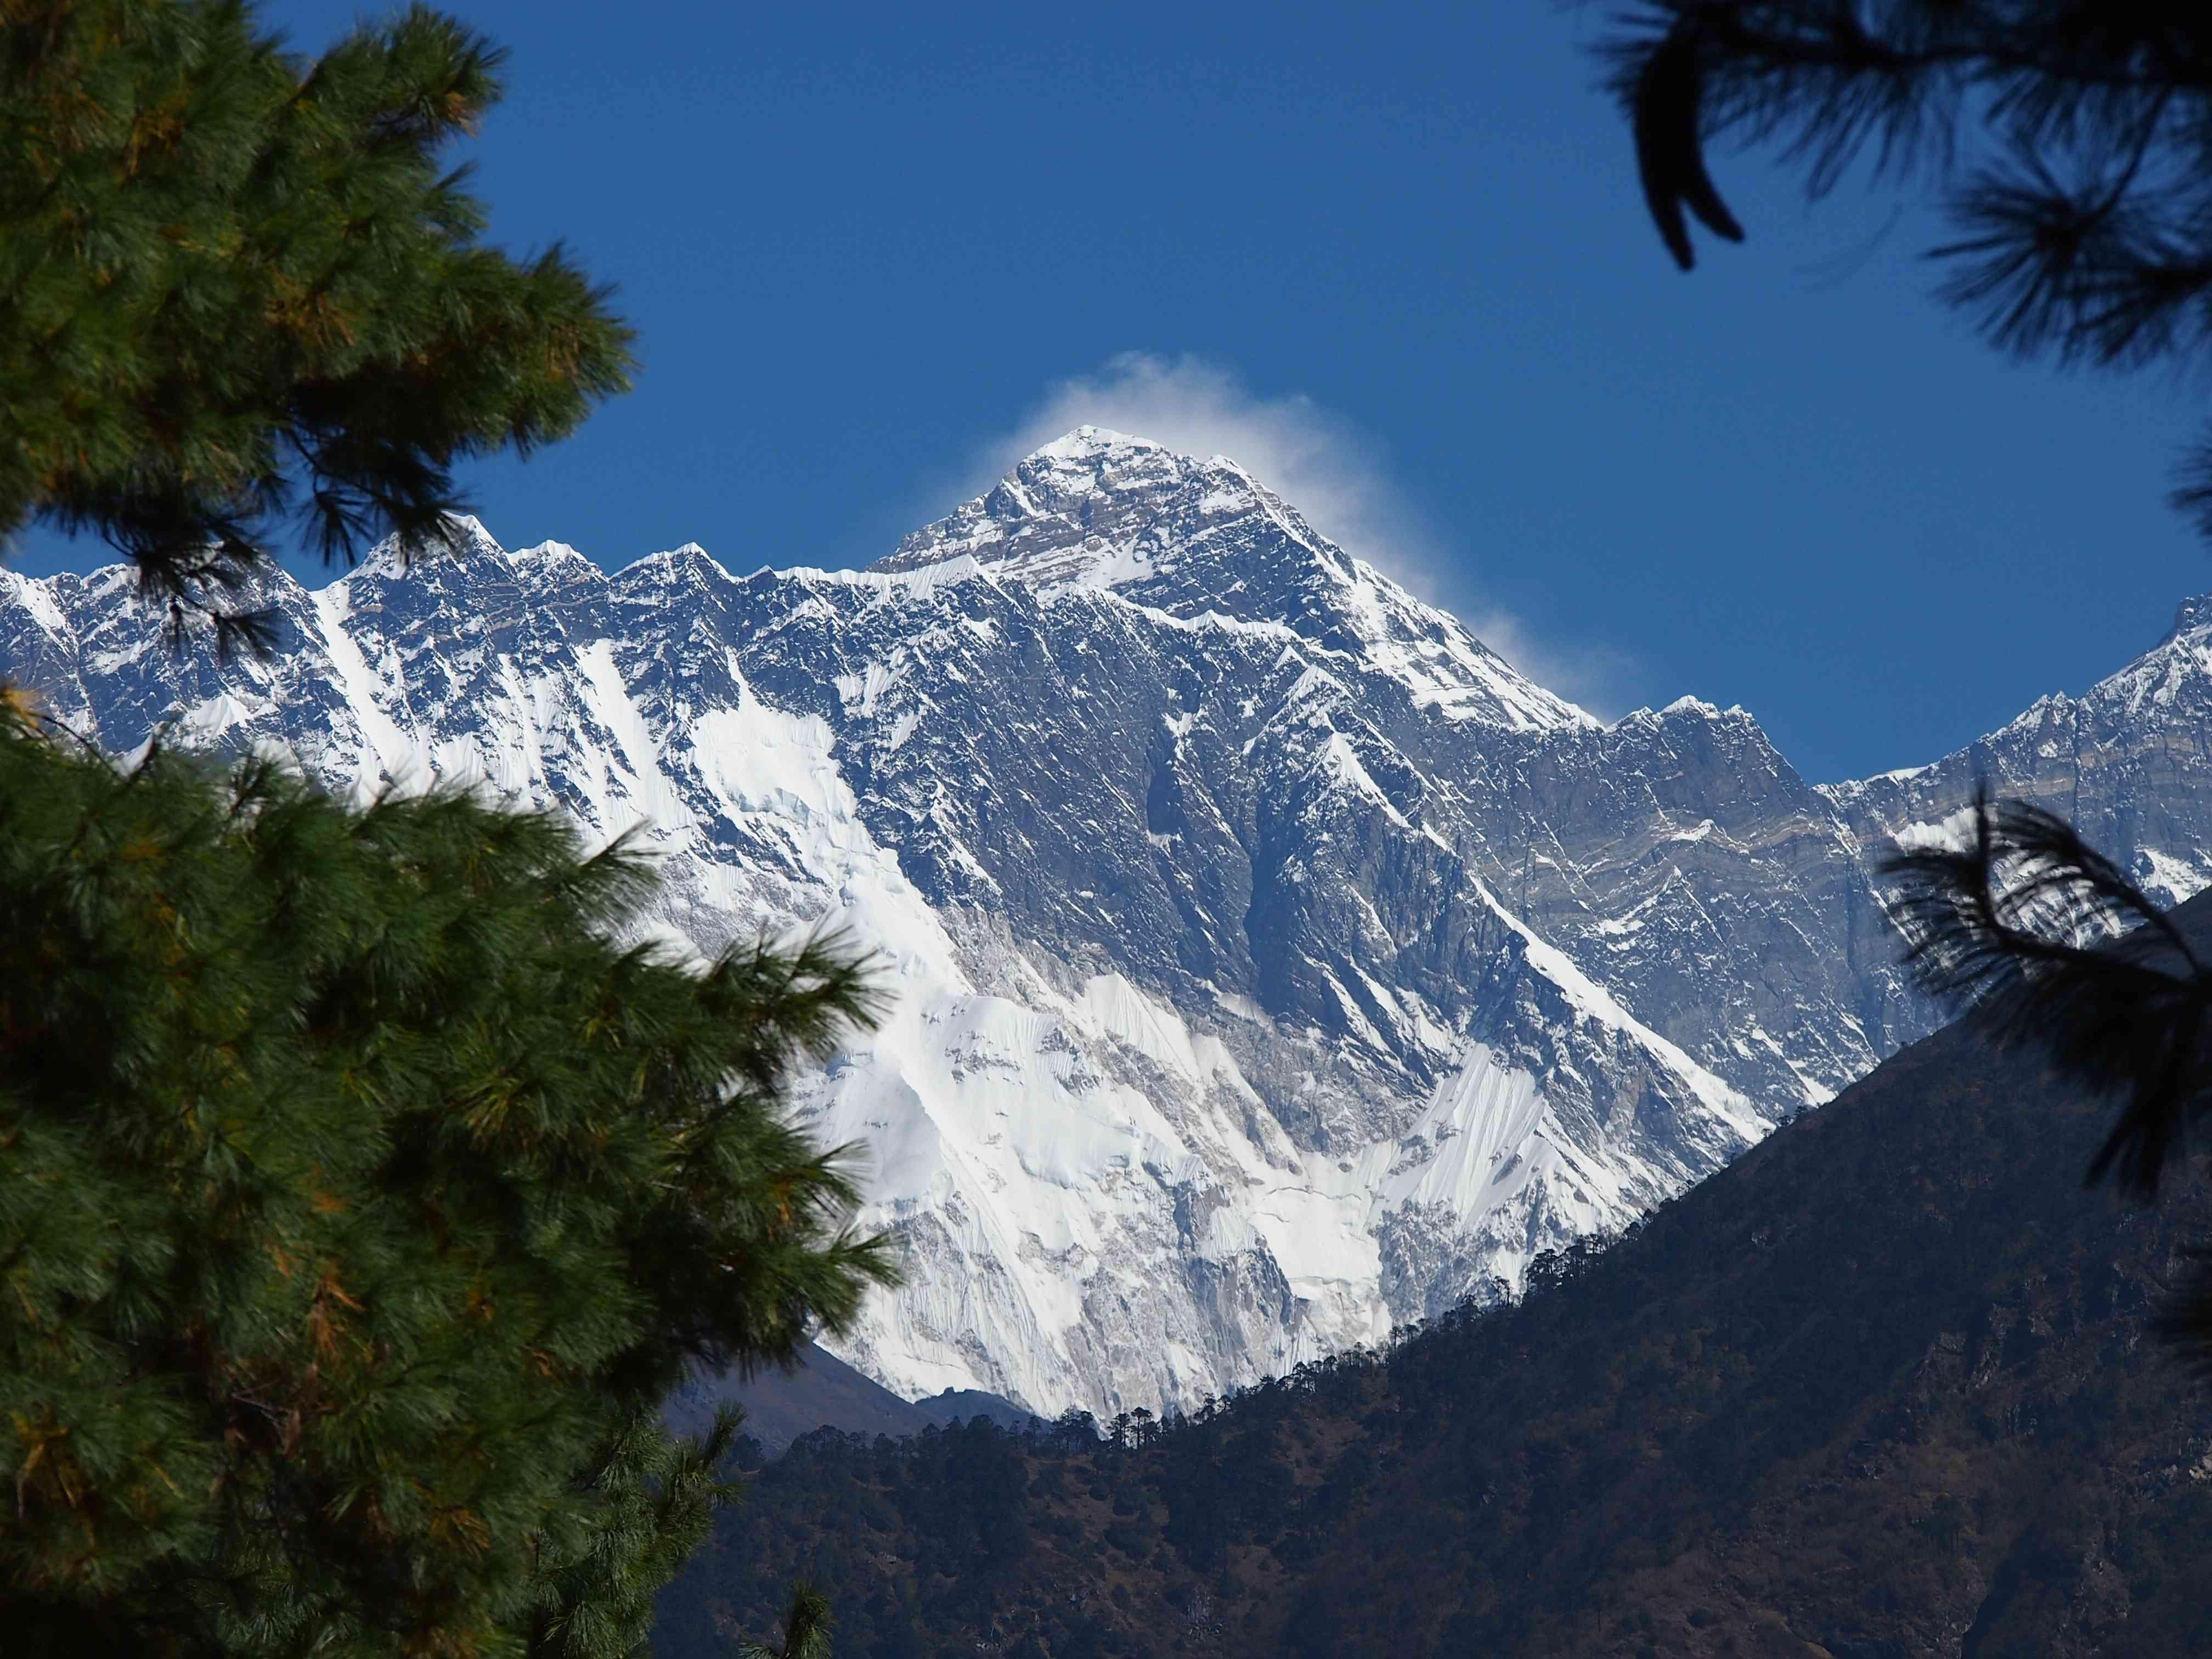 Monte Everest manchado de nieve y rodeado de árboles